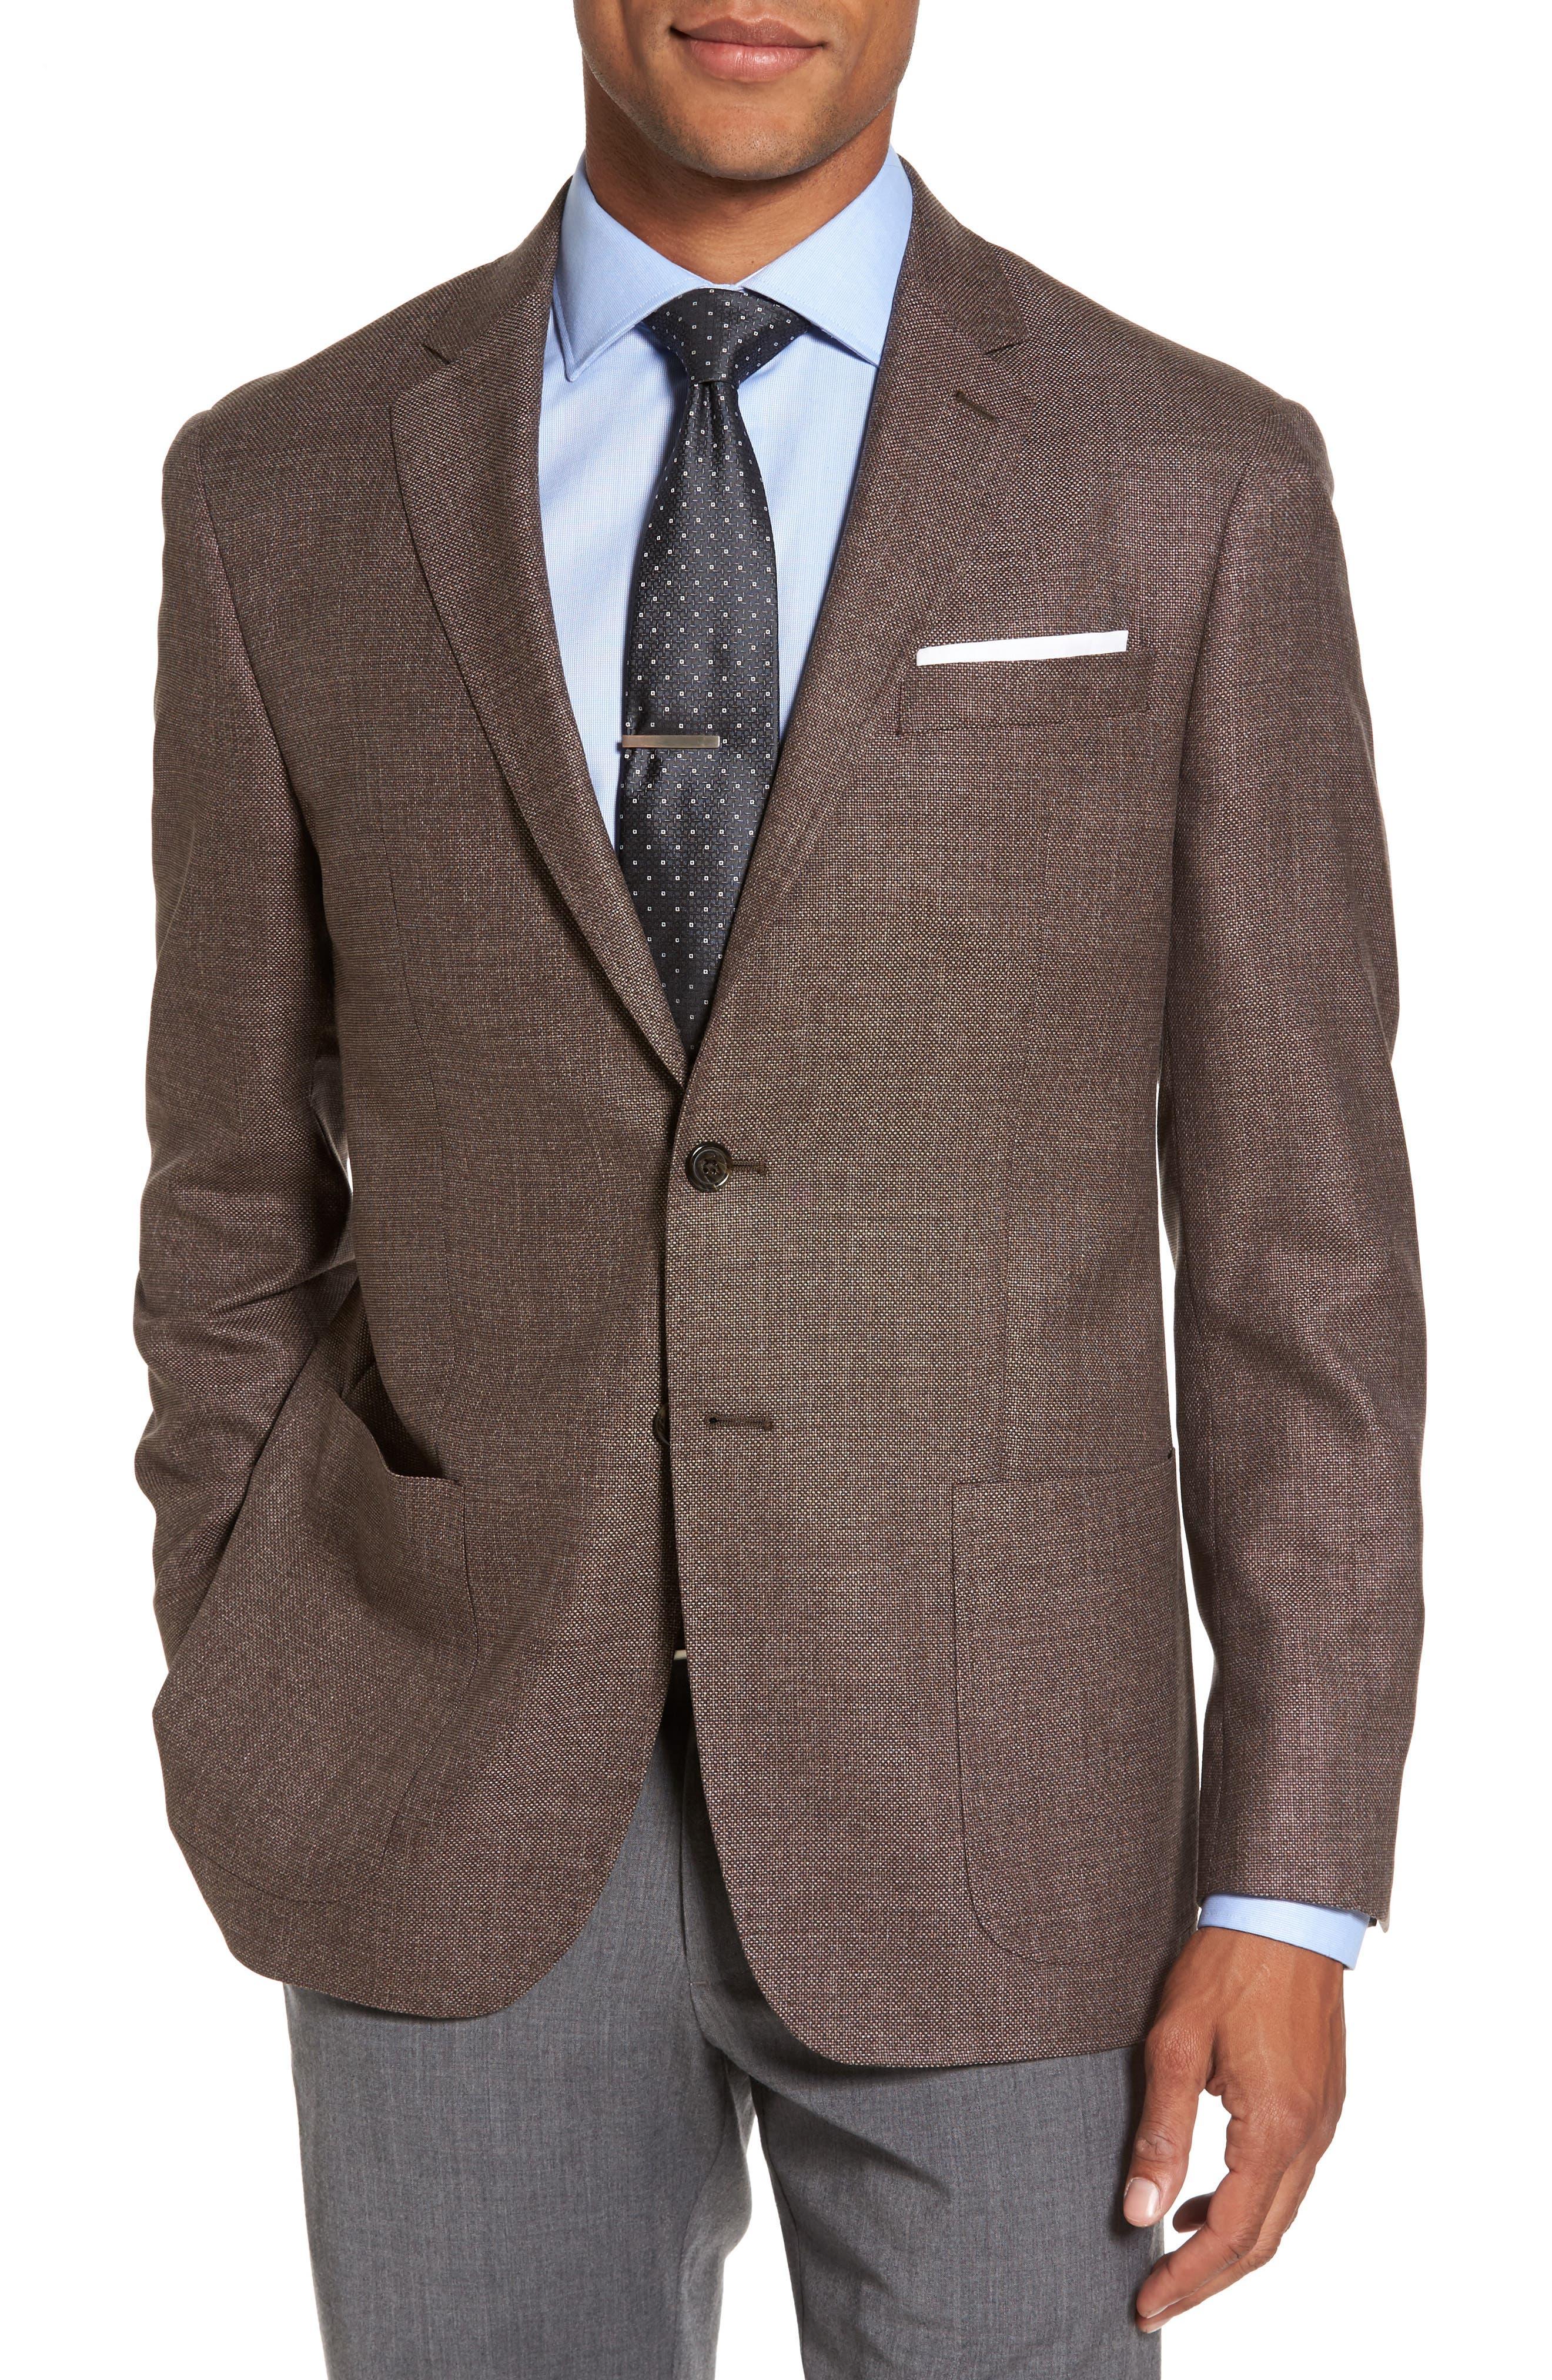 Todd Snyder White Label Trim Fit Wool Blazer